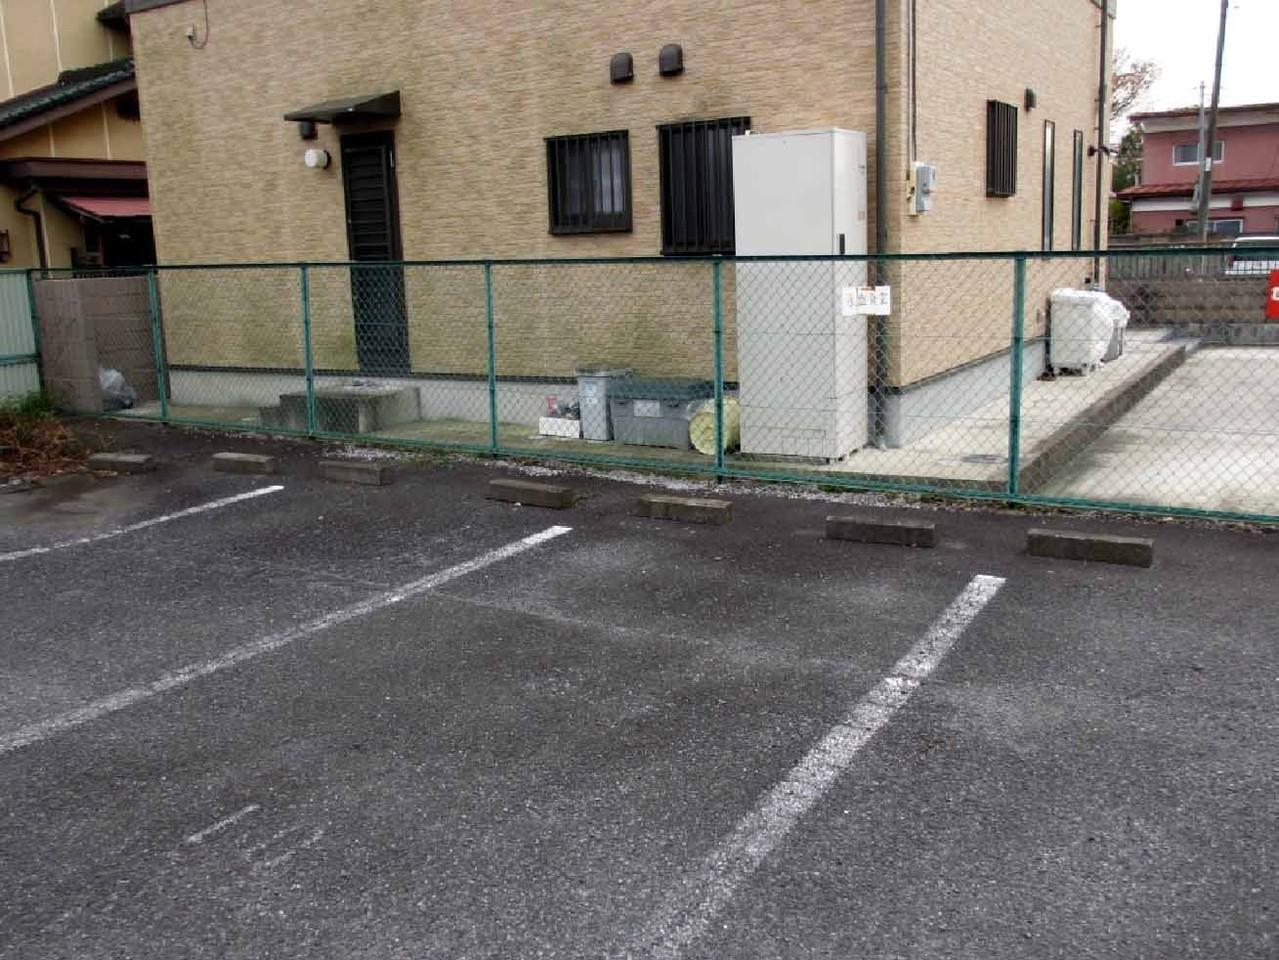 道路を挟んだところには、駐車場が完備されています。